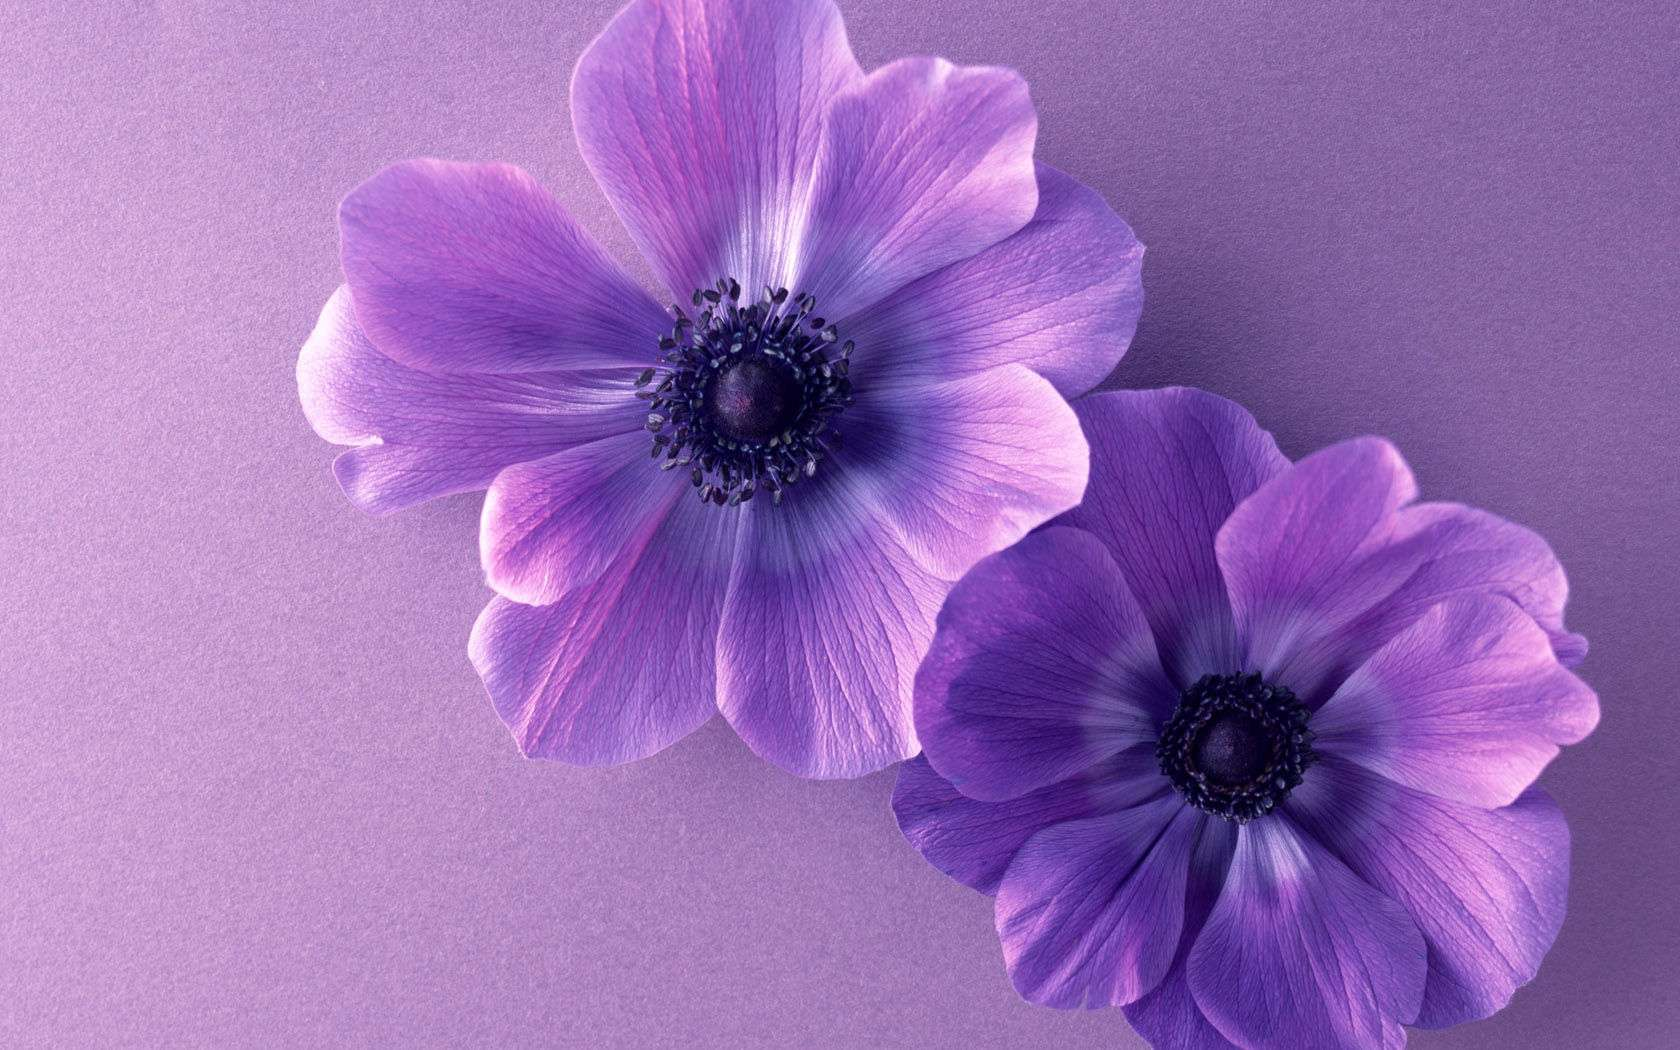 Flower Wallpaper 038